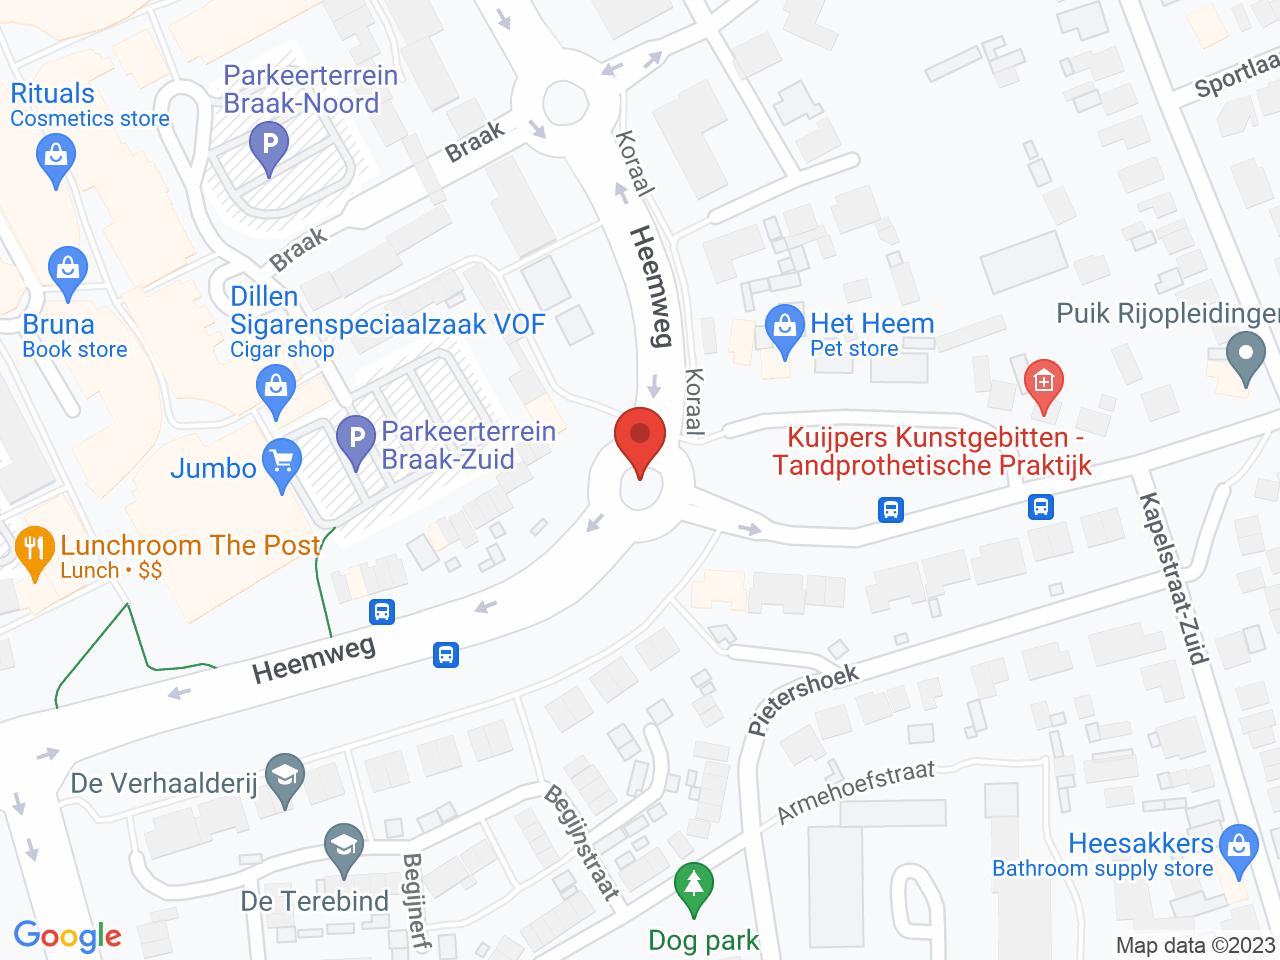 Rotonde Heemweg - Hagendoornseweg op een kaart getoond.